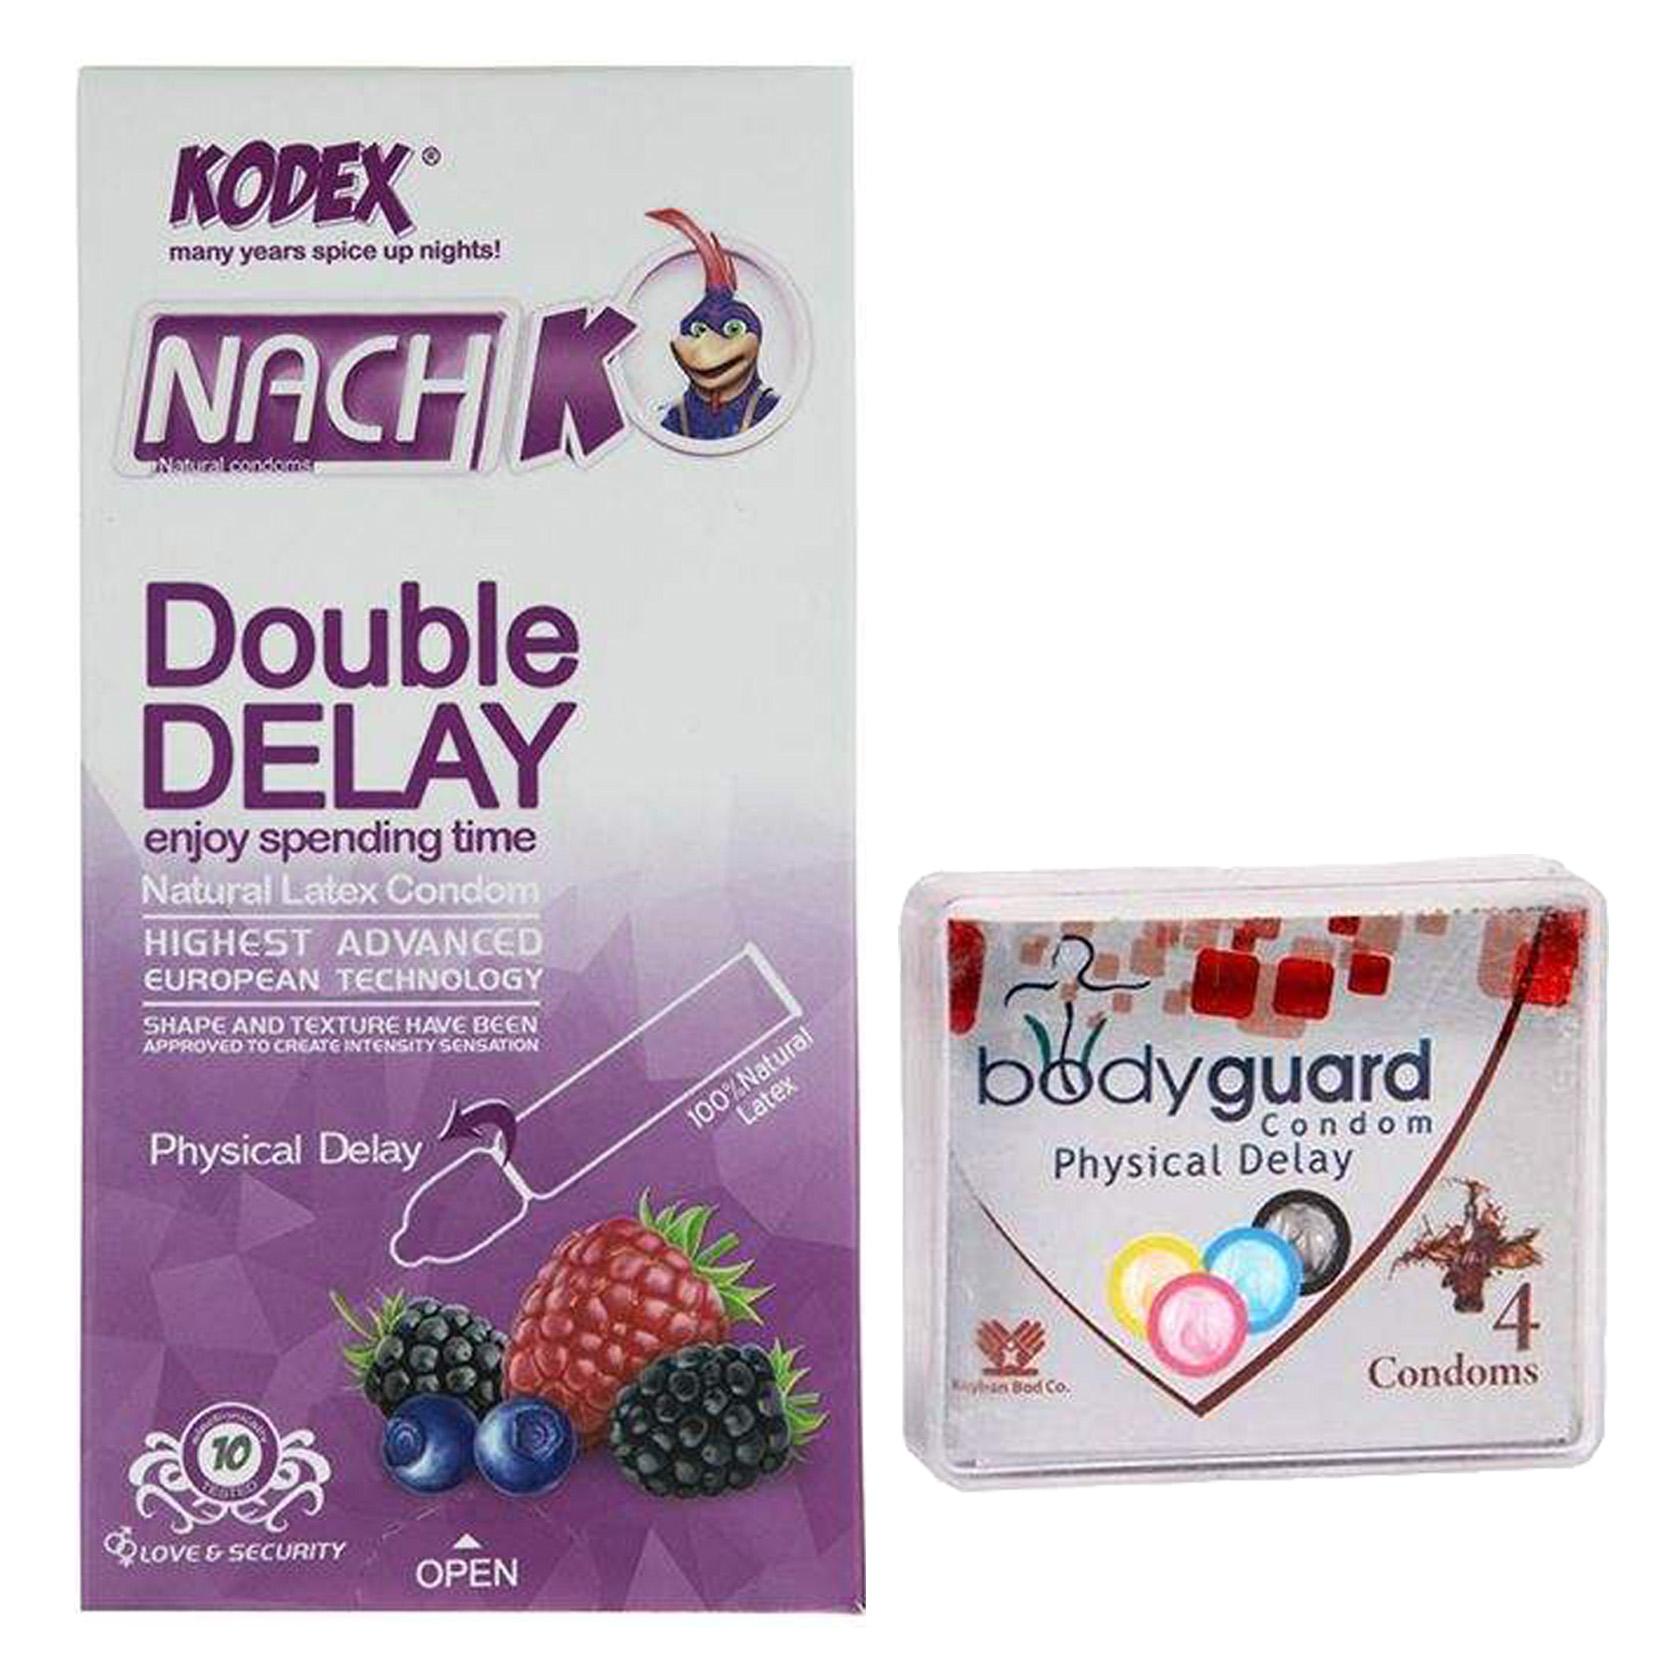 خرید                      کاندوم ناچ کدکس مدل Double Delay بسته 10 عددی به همراه کاندوم بادی گارد مدل فیزیکال دیلی بسته 4 عددی